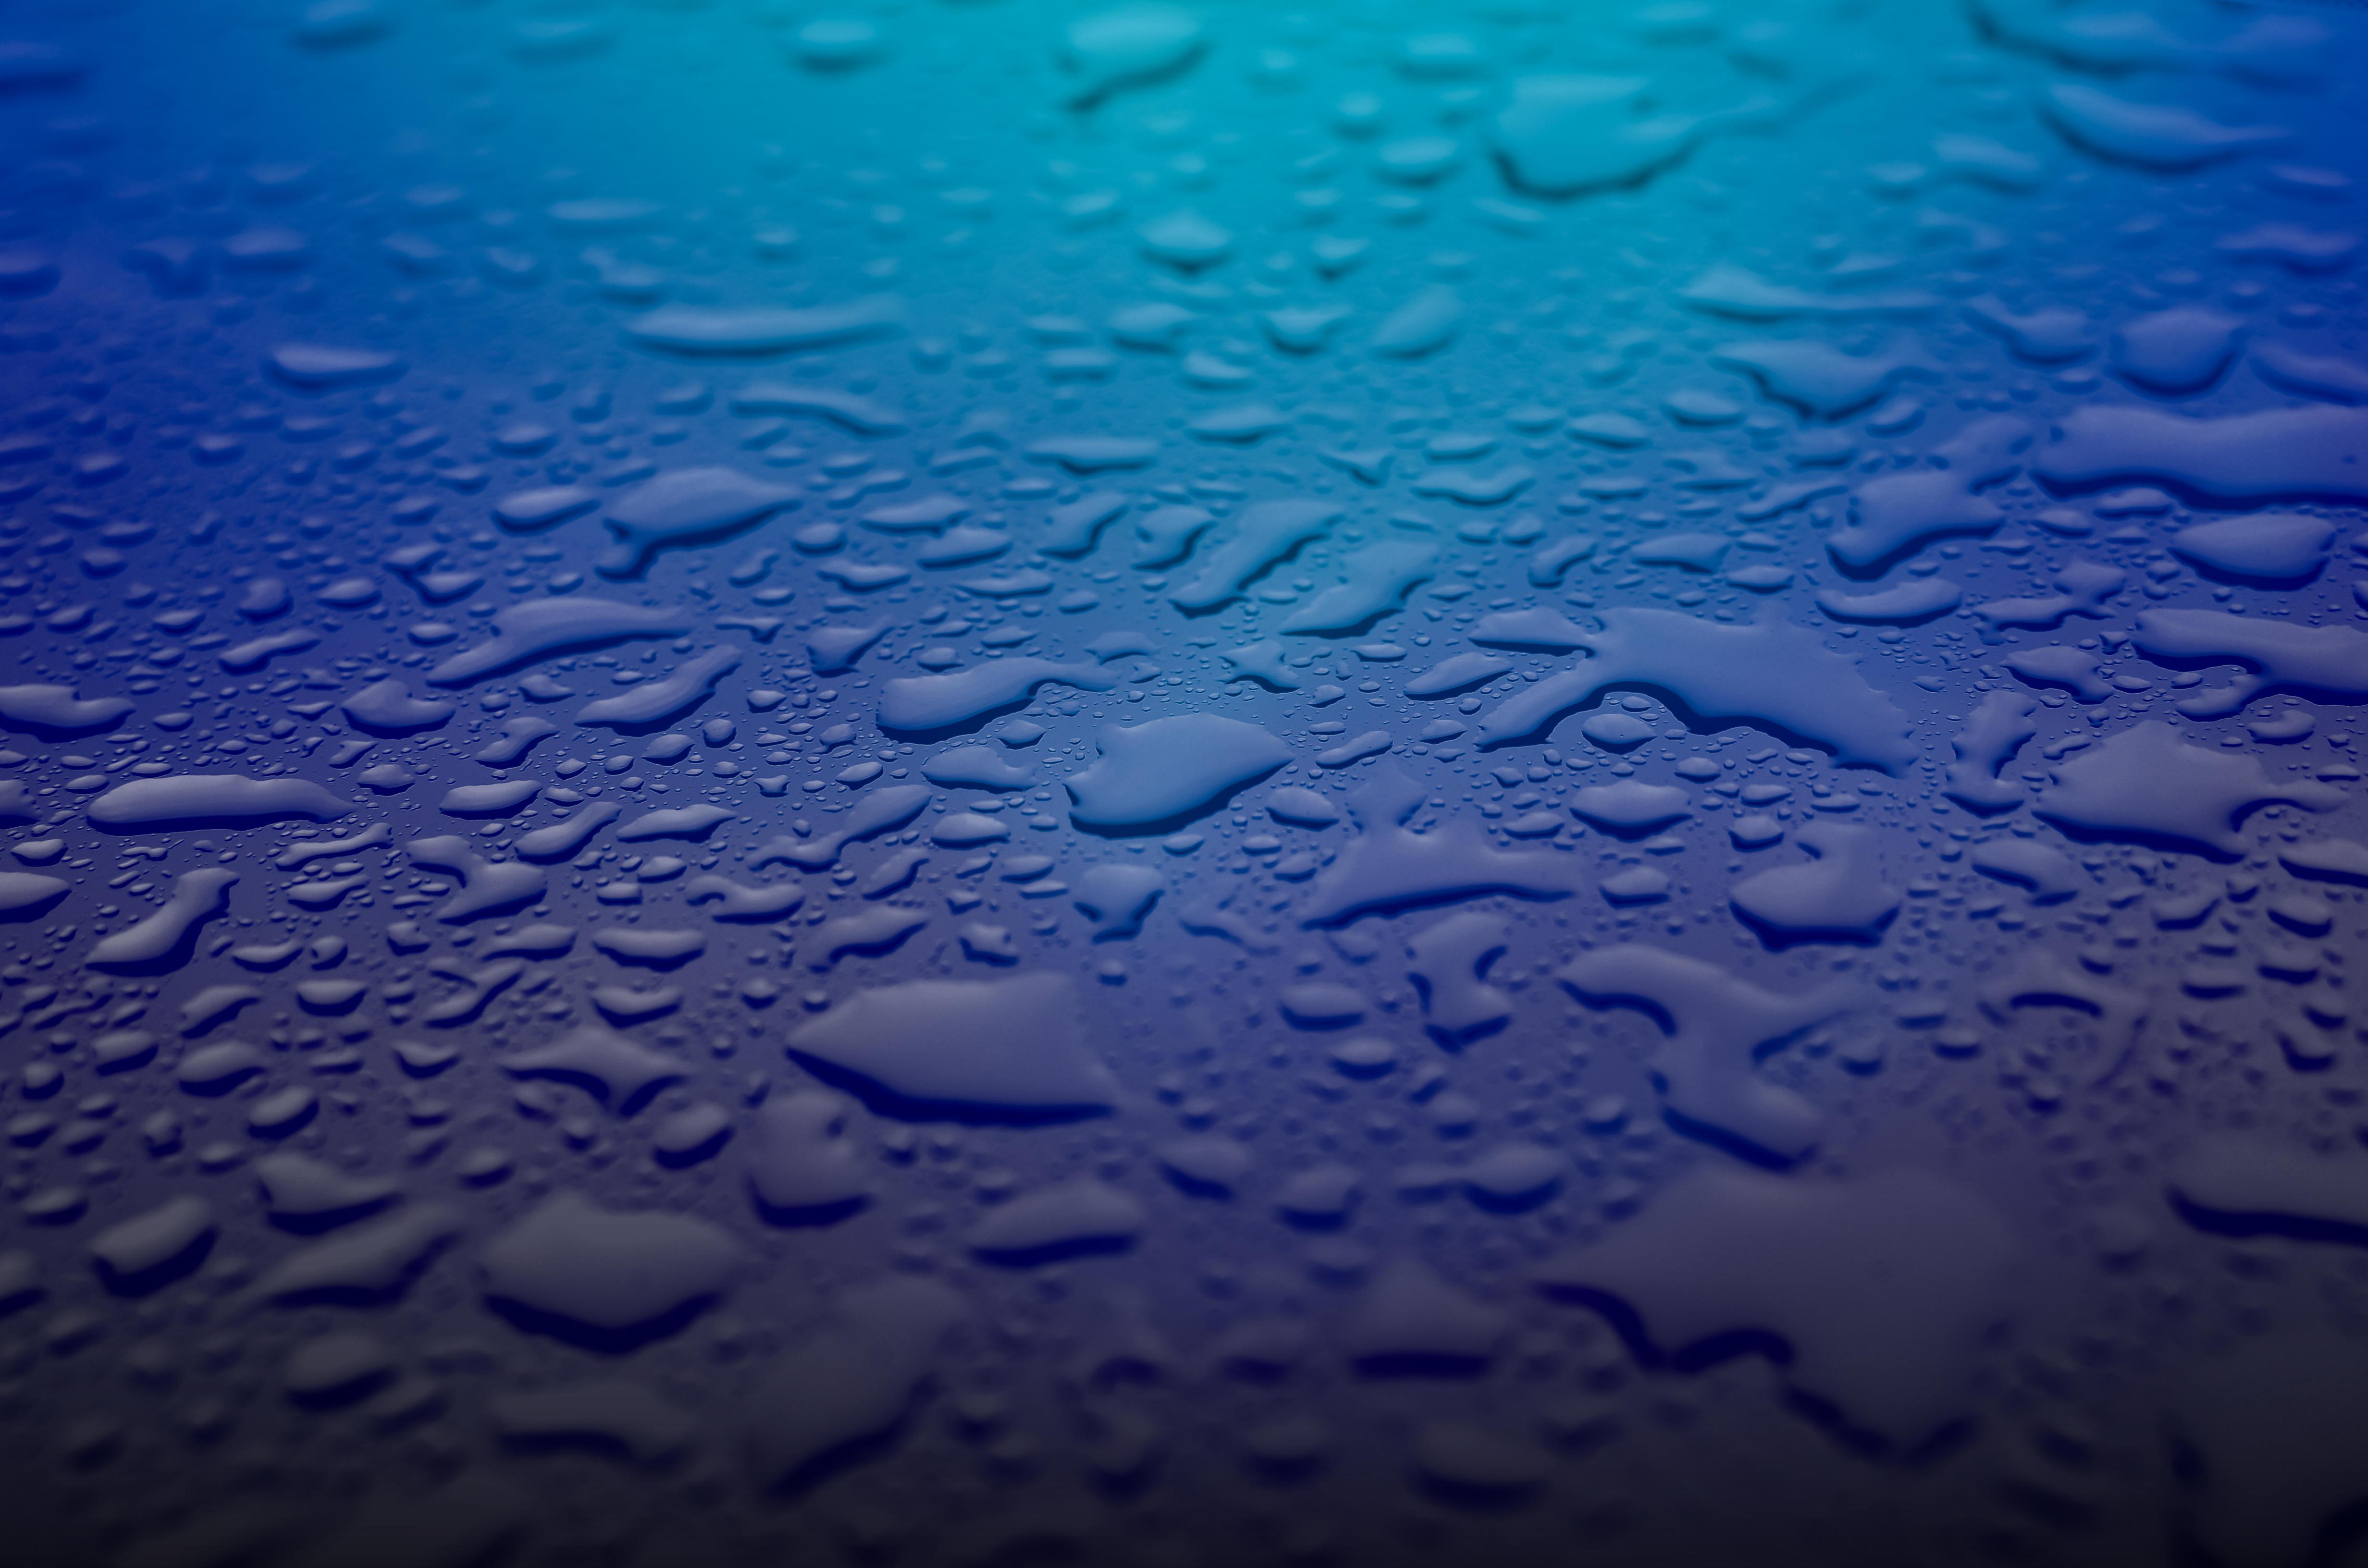 9.0/trisquel-wallpapers/data/usr/share/backgrounds/flidas-blue.jpg